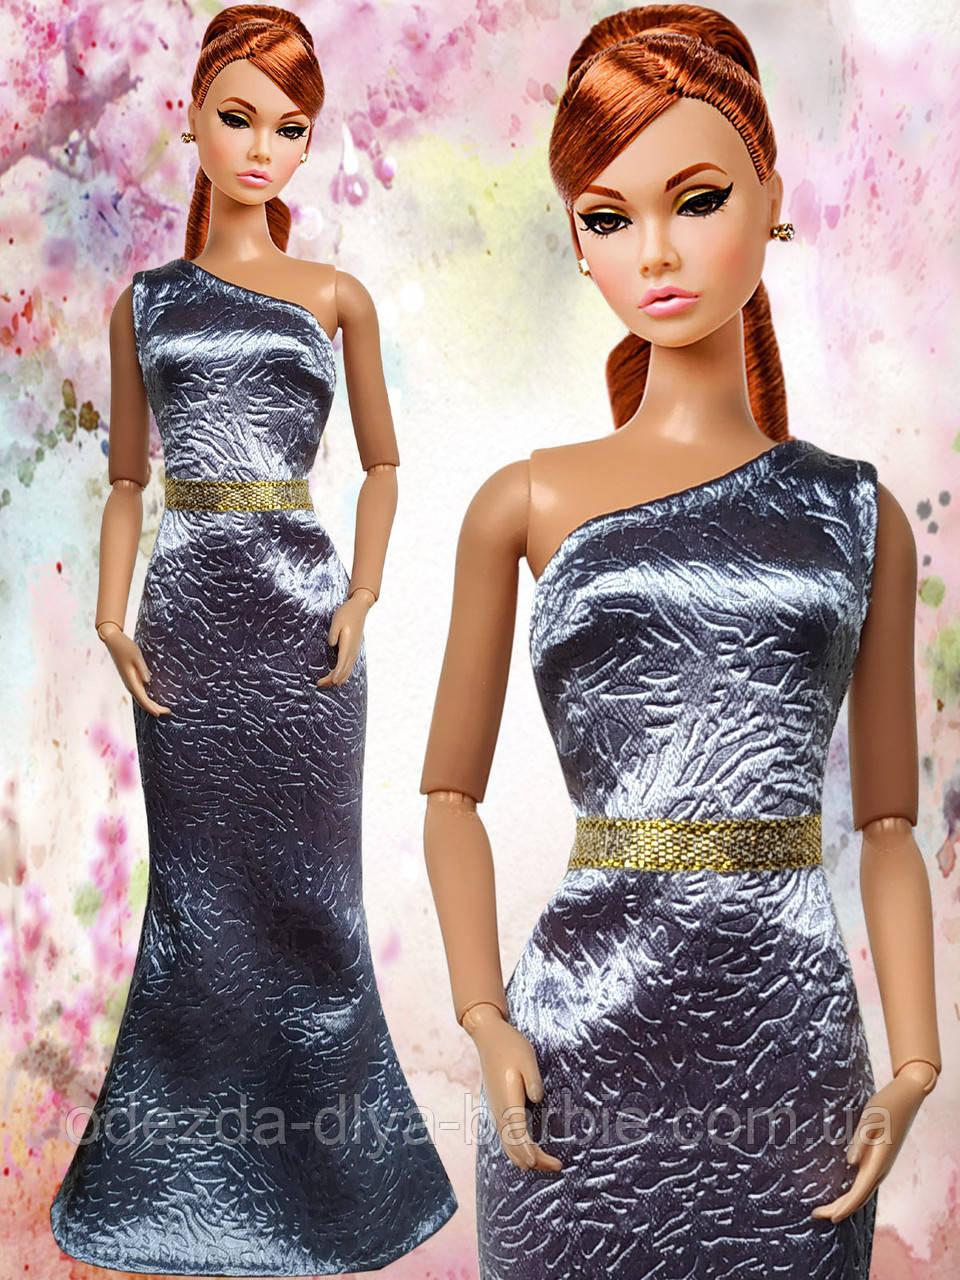 Одежда для кукол Барби - вечернее платье